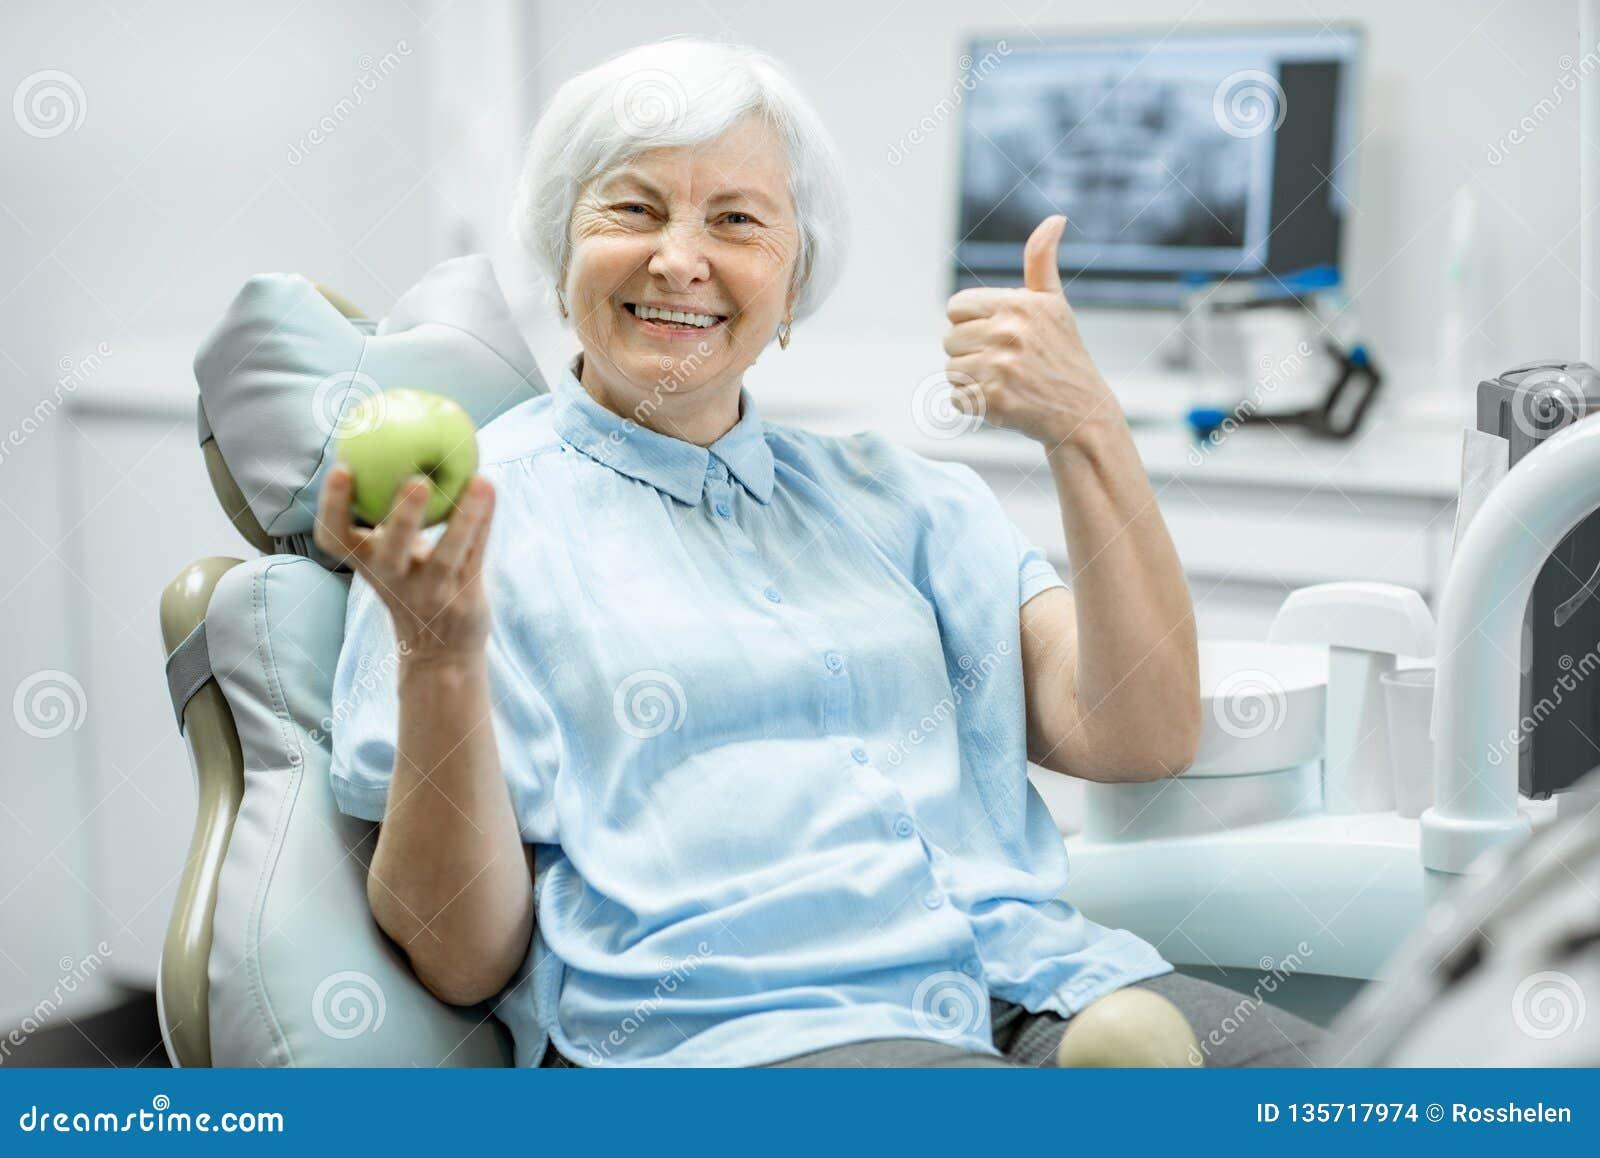 Porträt einer älteren Frau im zahnmedizinischen Büro